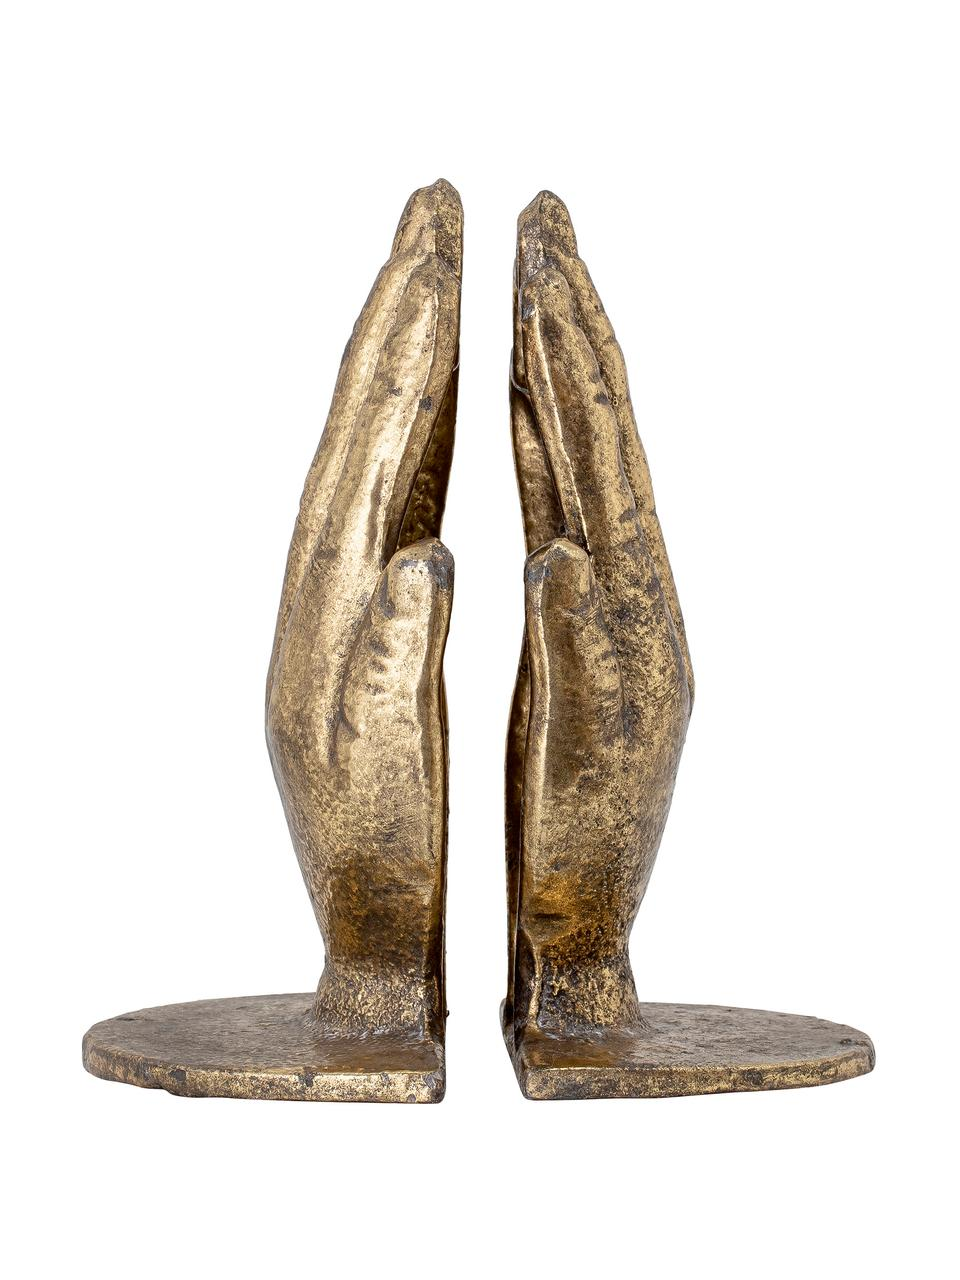 Komplet dekoracji Bookend, 2 elem., Metal, Odcienie złotego z antycznym wykończeniem, S 15 x W 18 cm